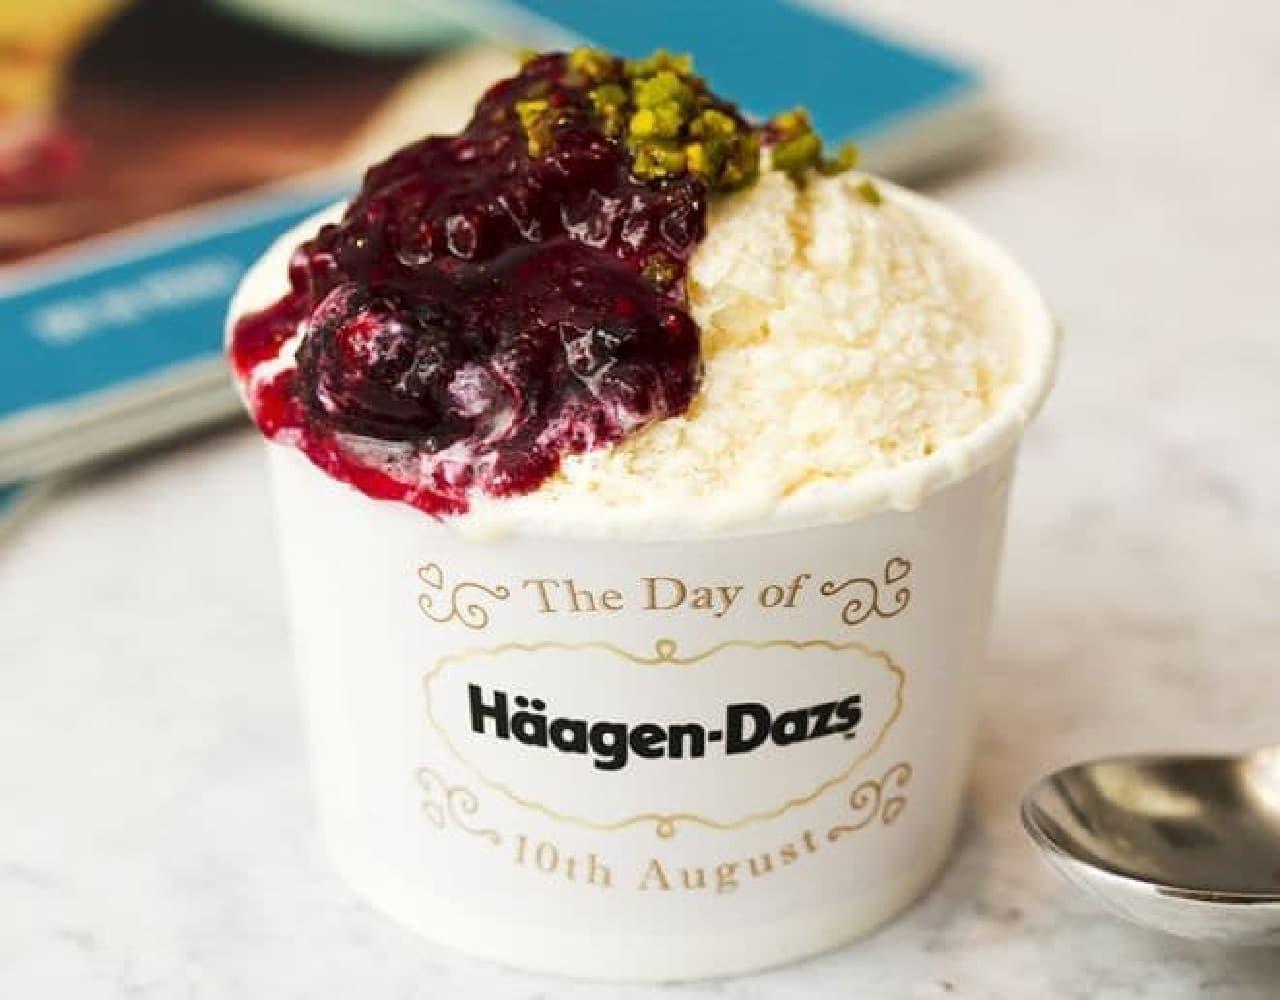 無料配布イベントで配られるのはハーゲンダッツアイスクリームを使用した新感覚かき氷(ハーゲンシェイブ)